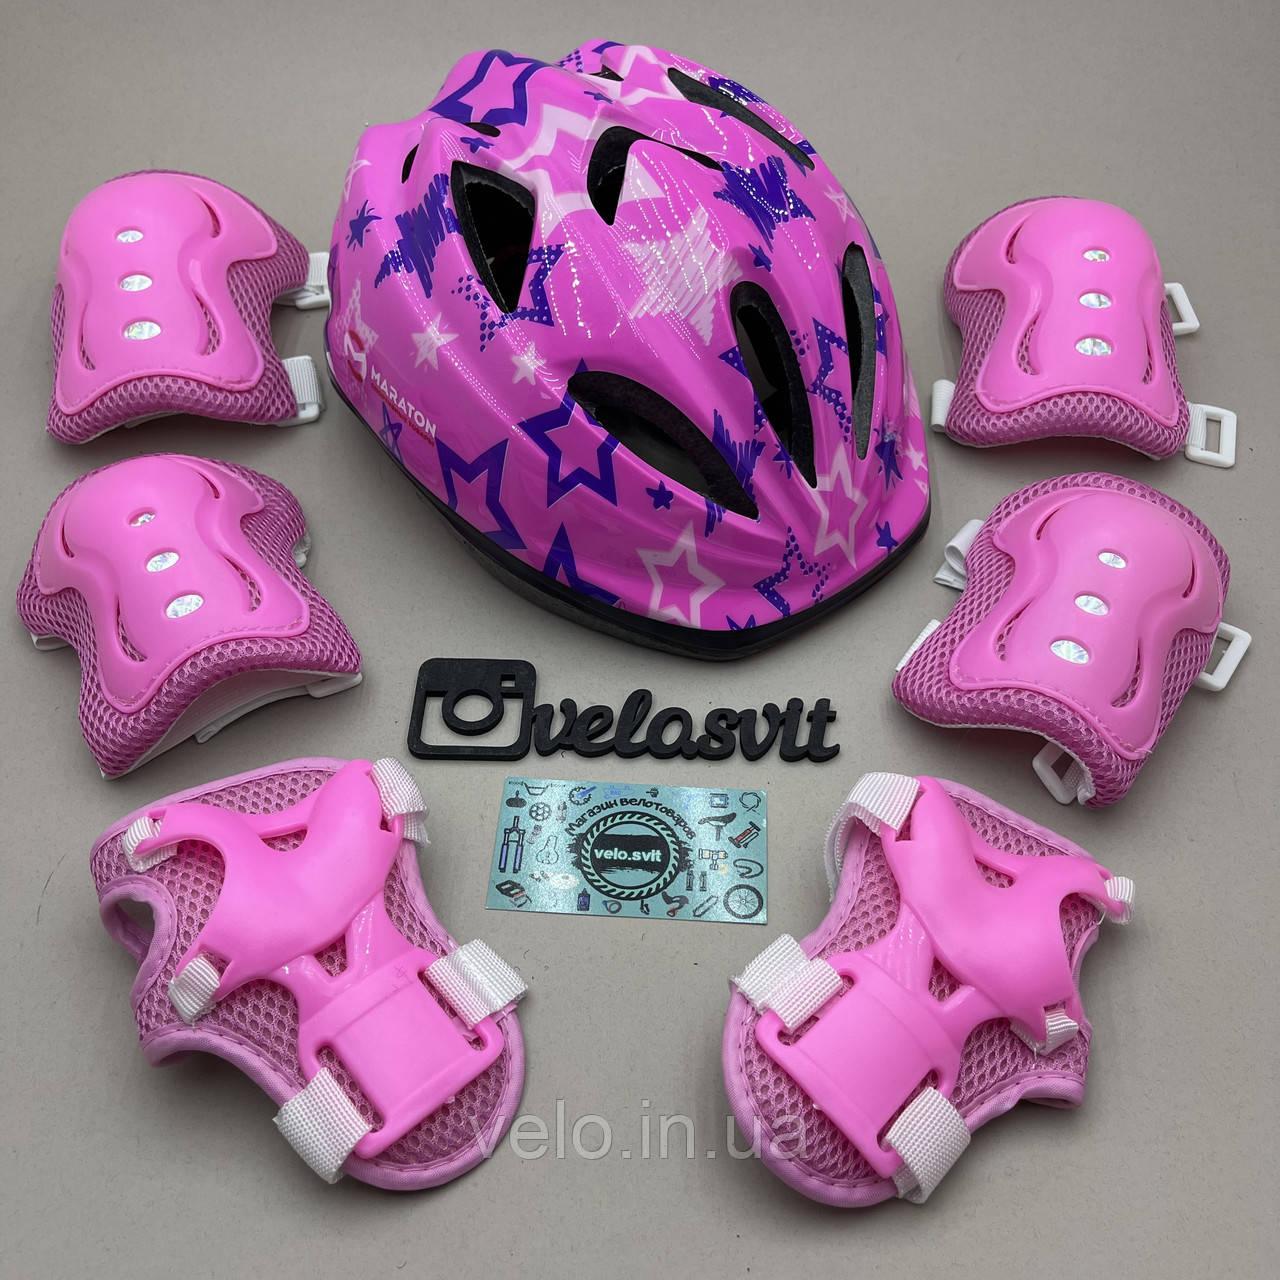 Фирменный комплект защиты, шлем Maraton+ наколенники, налокотники, перчатки для девочки розовая защита